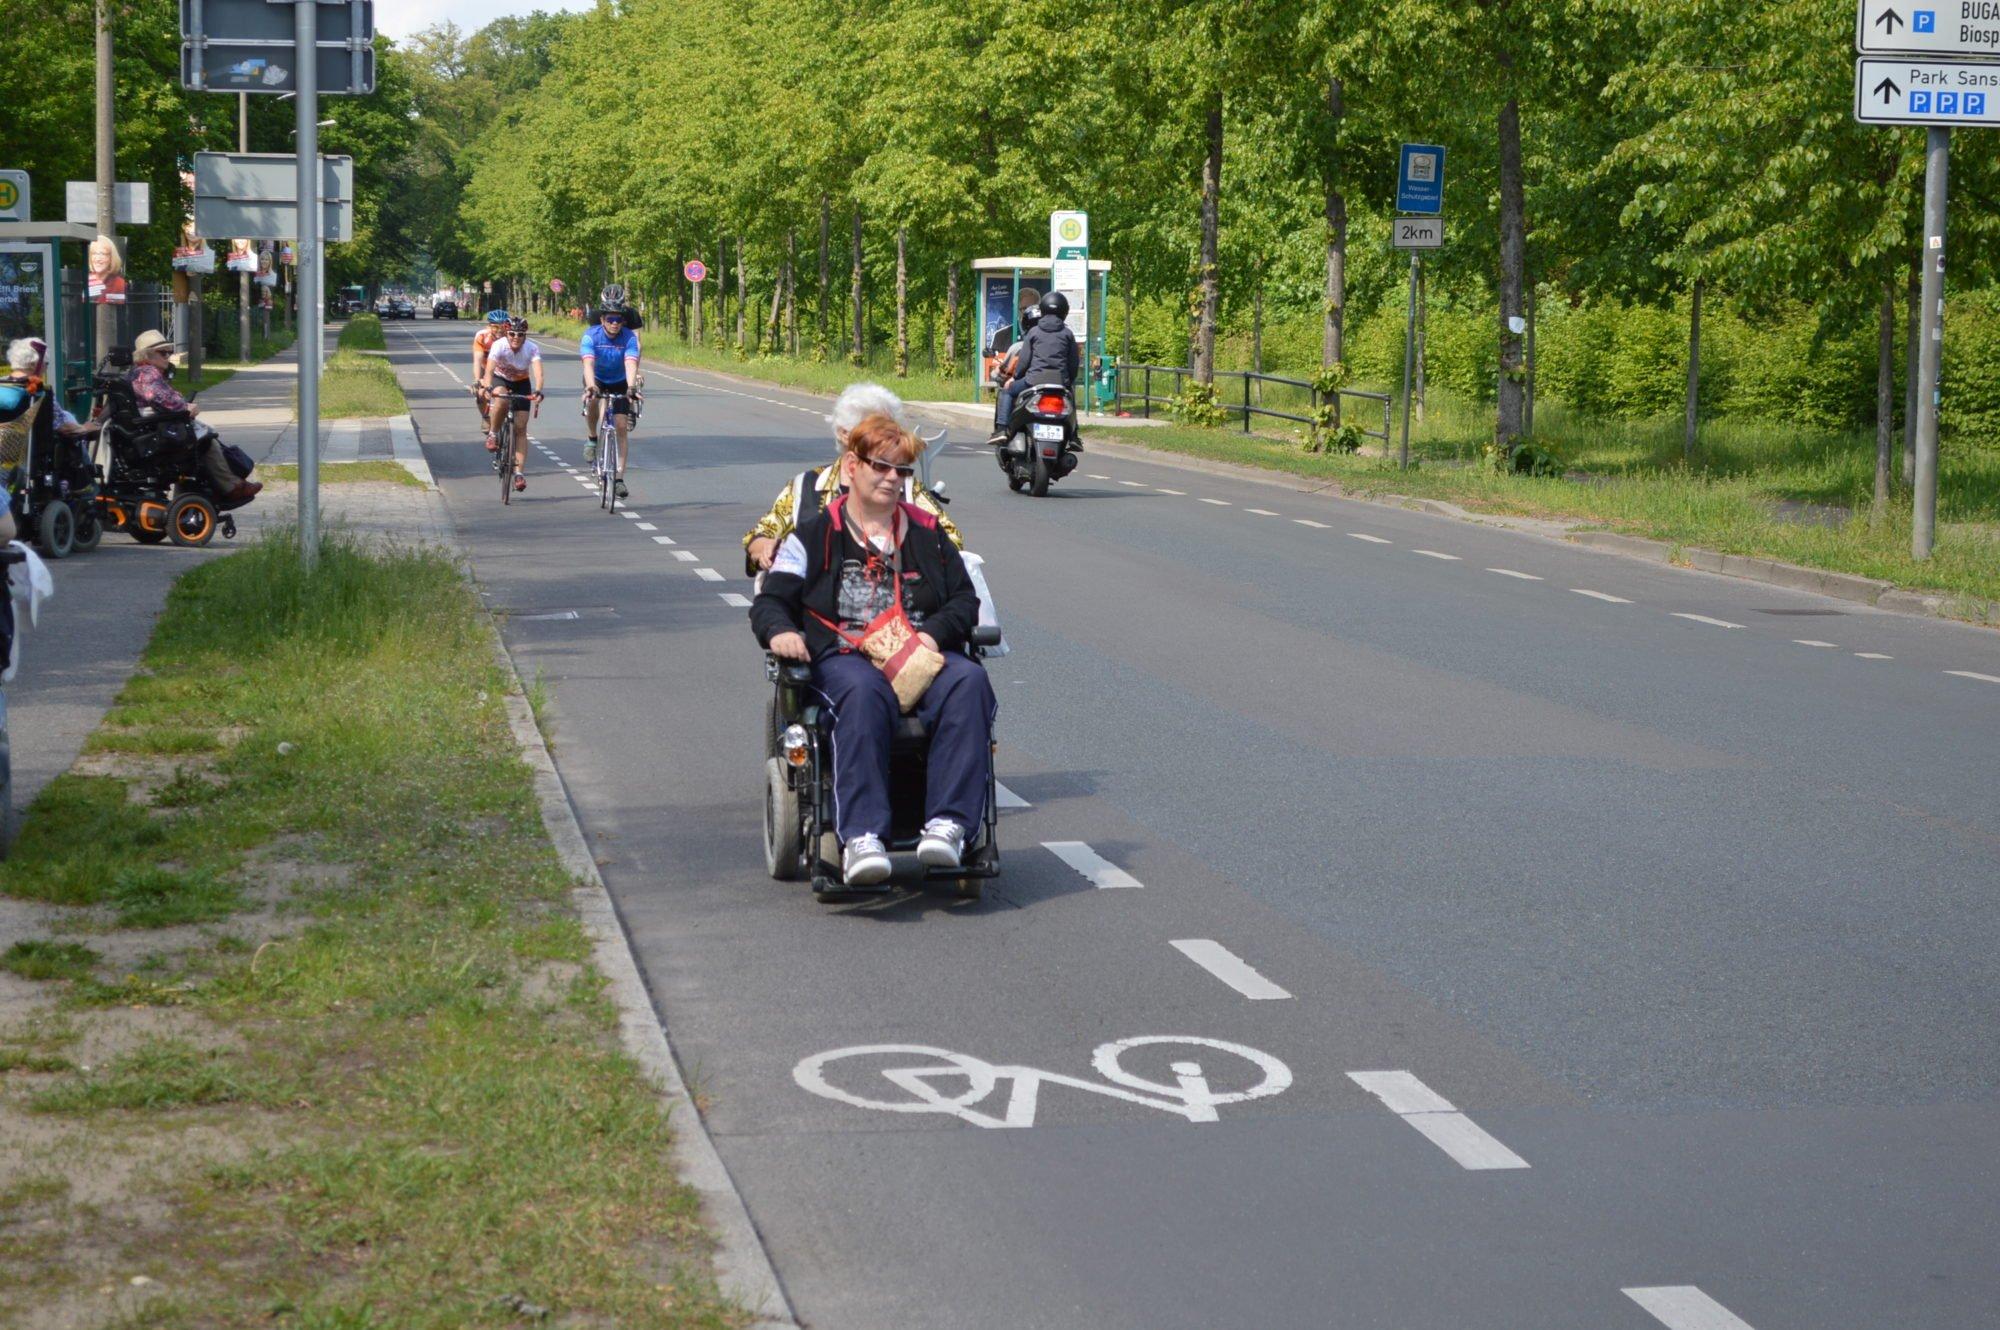 Eine Rollstuhlfahrerin fährt auf dem Fahrradweg. Im Hintergrund weitere Rolli- sowie Radfahrer.